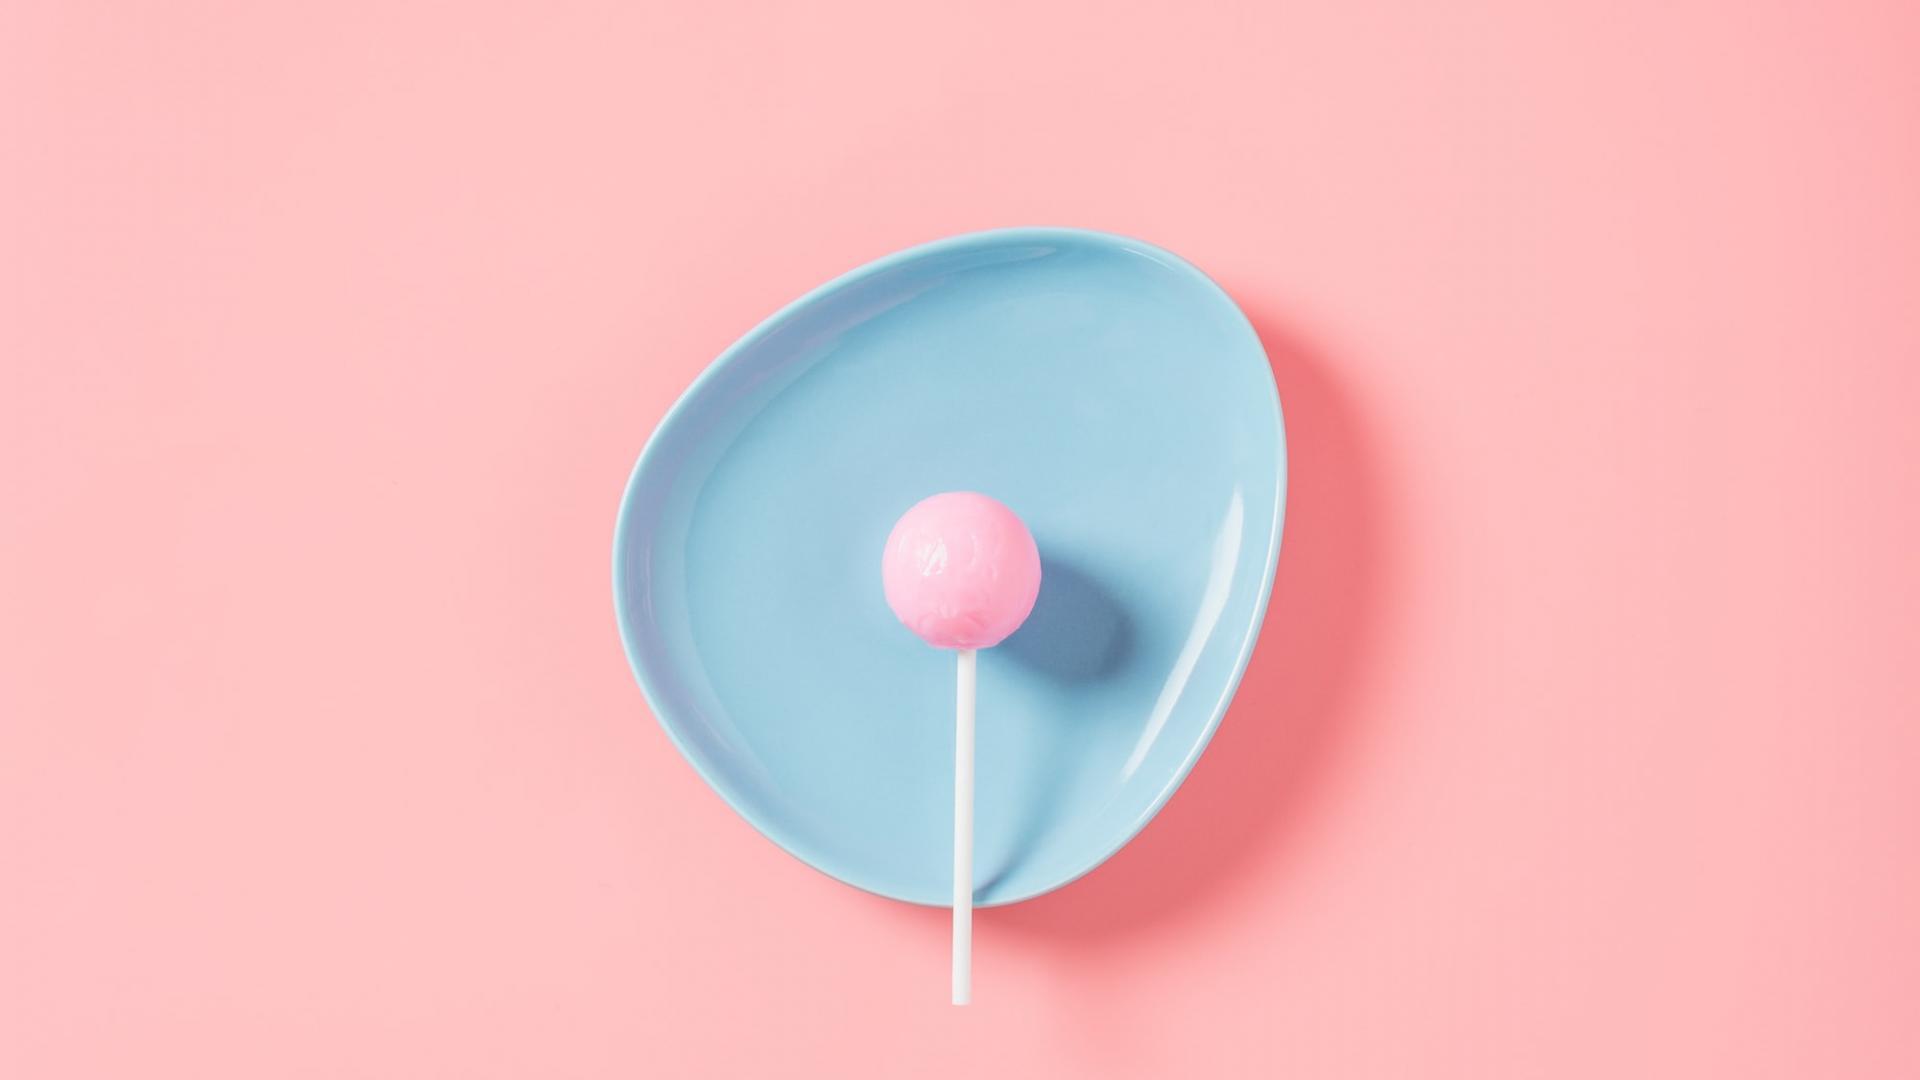 Butt Plug, Lollipop, Sex, rosa